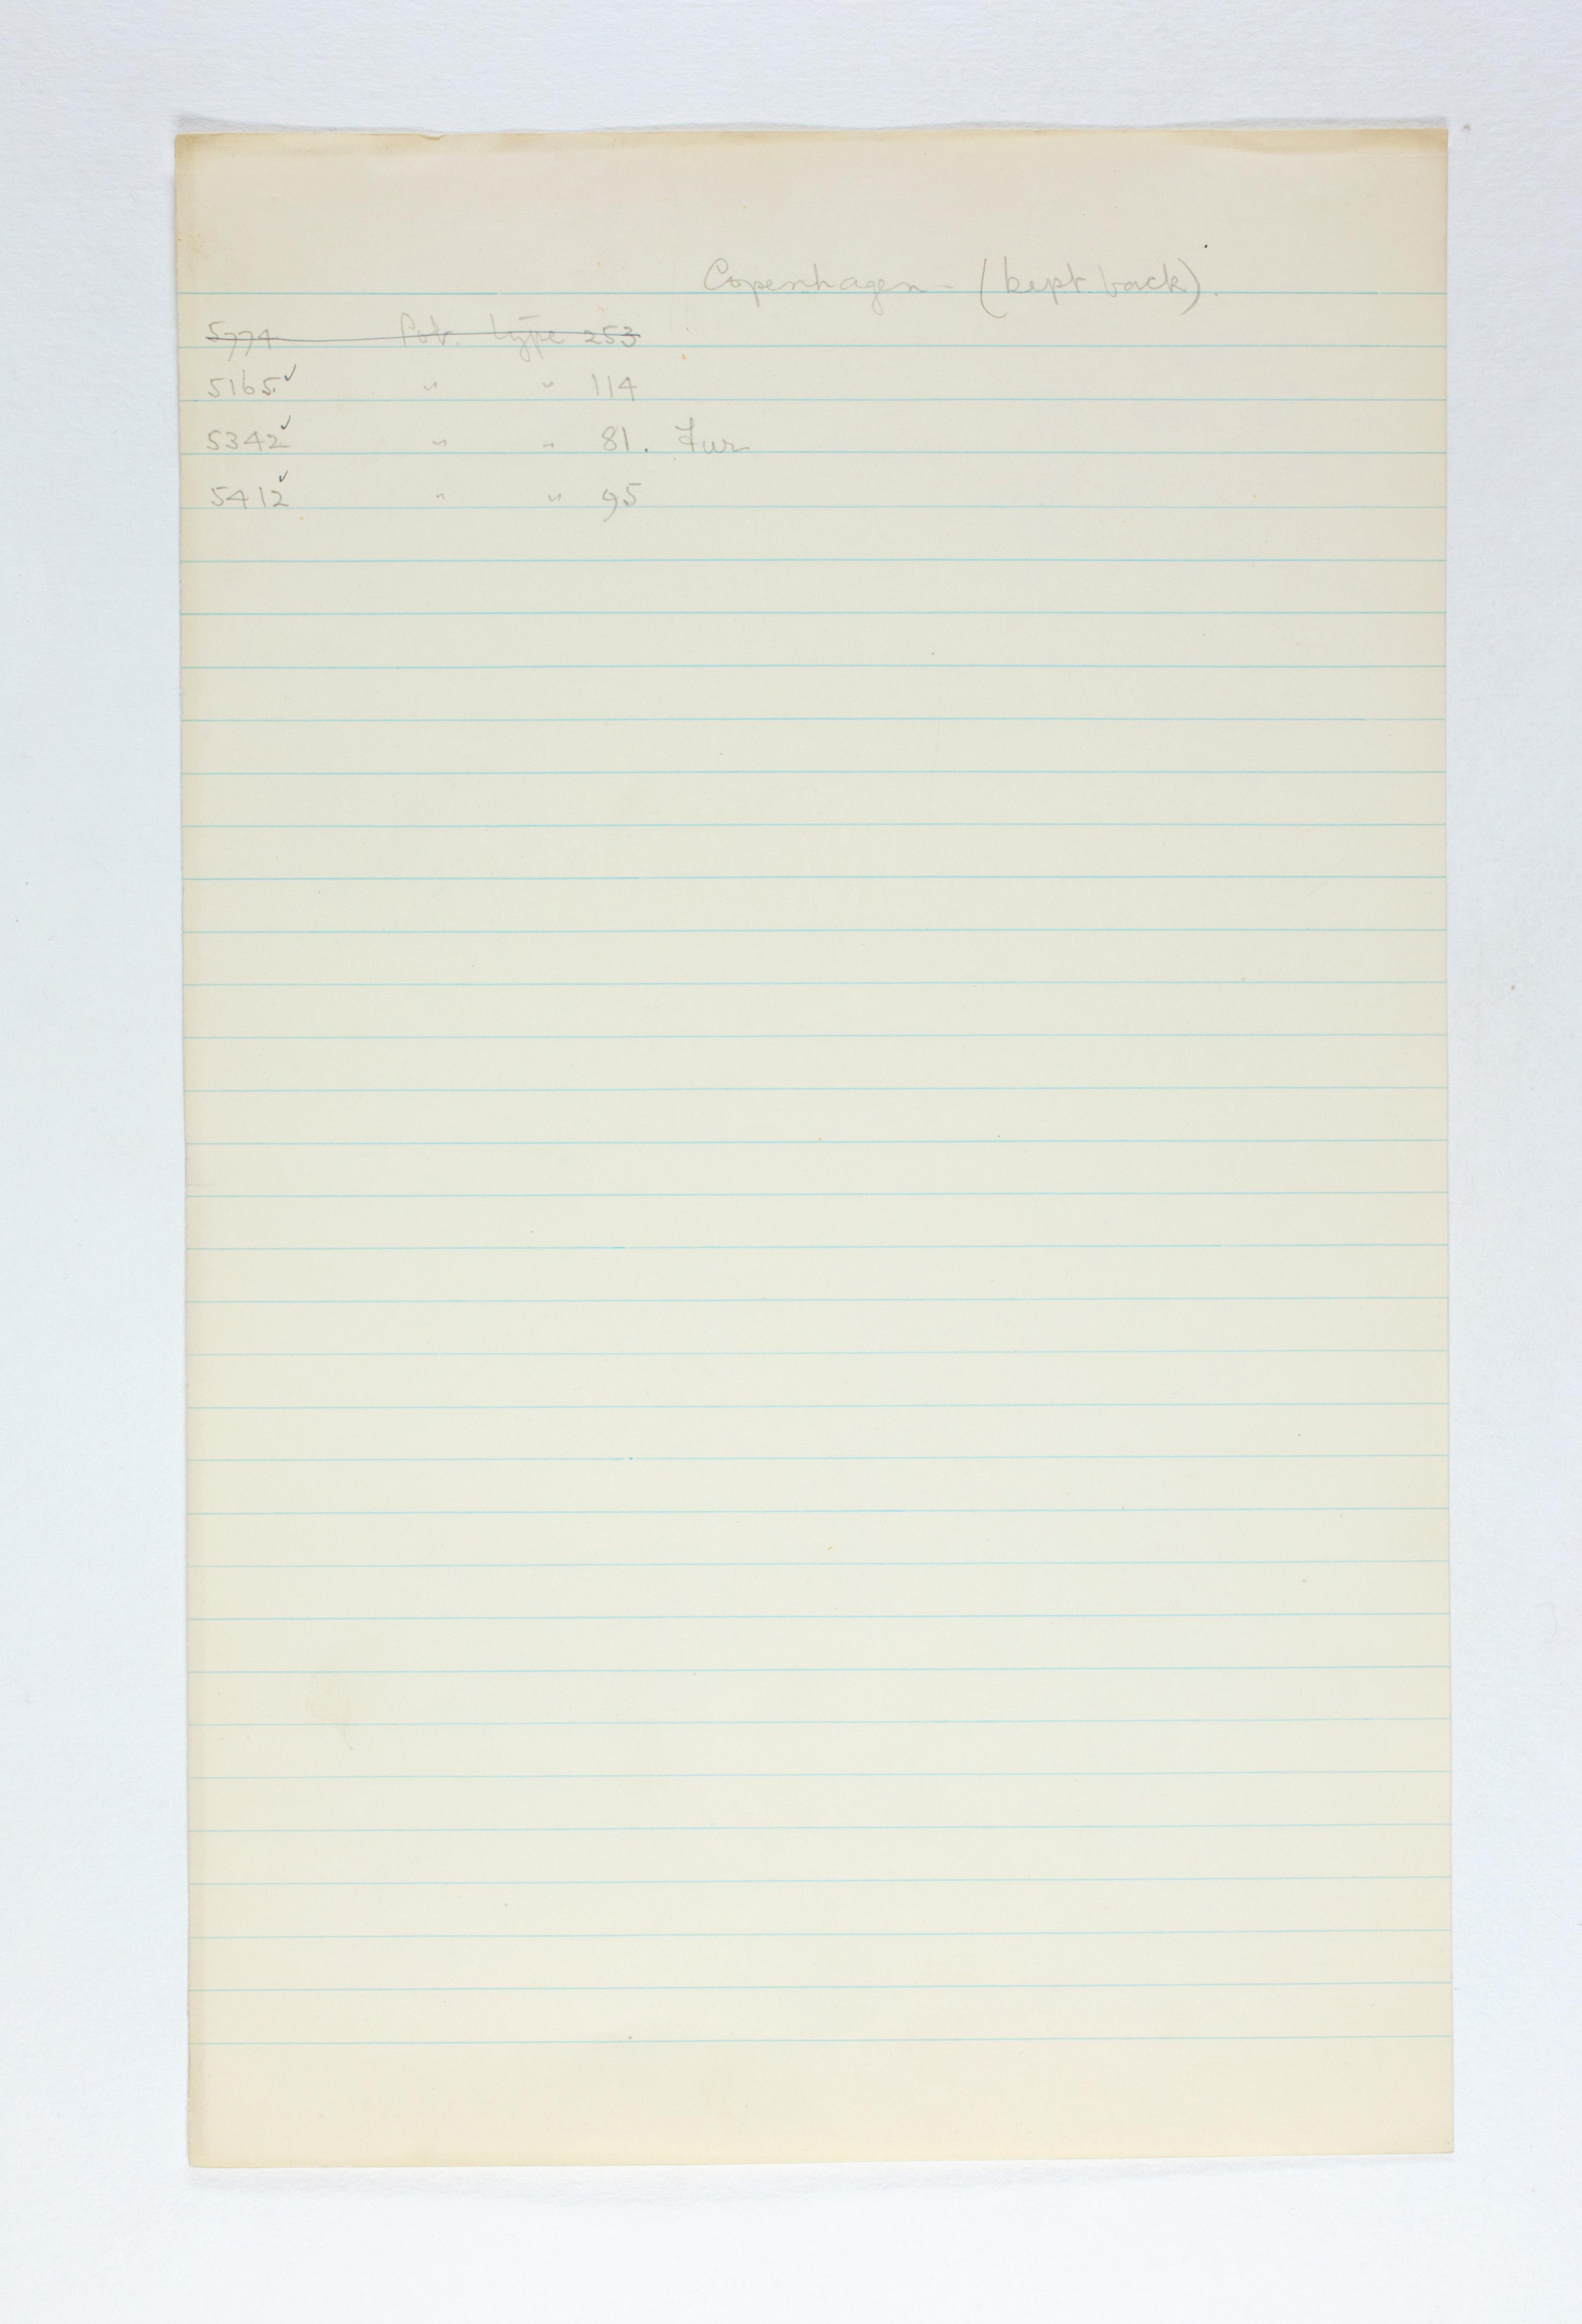 1924-25 Badari, Faiyum Individual institution list PMA/WFP1/D/28/7